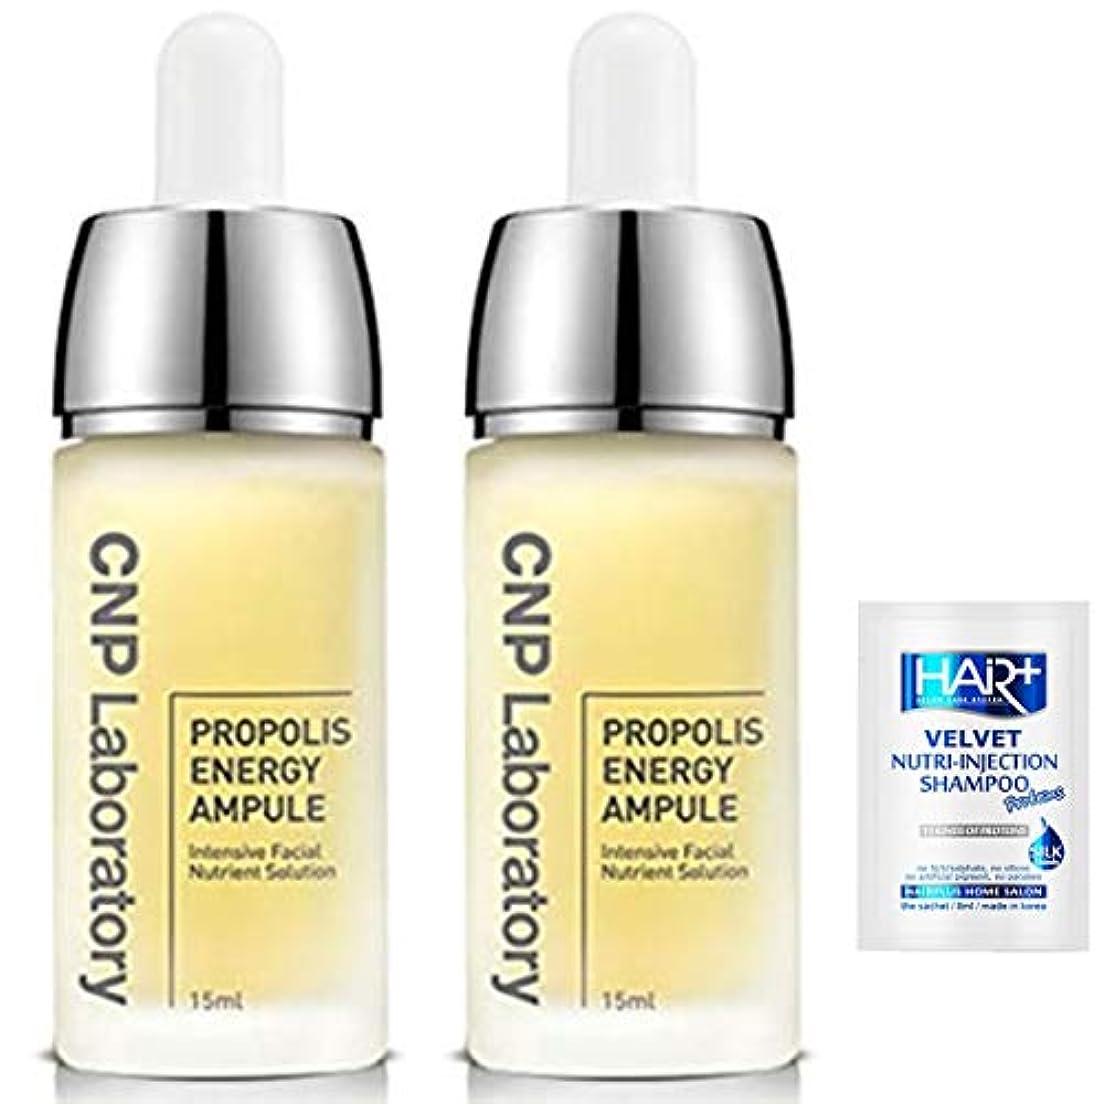 待つ干し草見ました【CNP Laboratory】プロポリス エネルギーアンプル 15ml X 2EA+HairPlus NonSilicon Shampoo 8ml